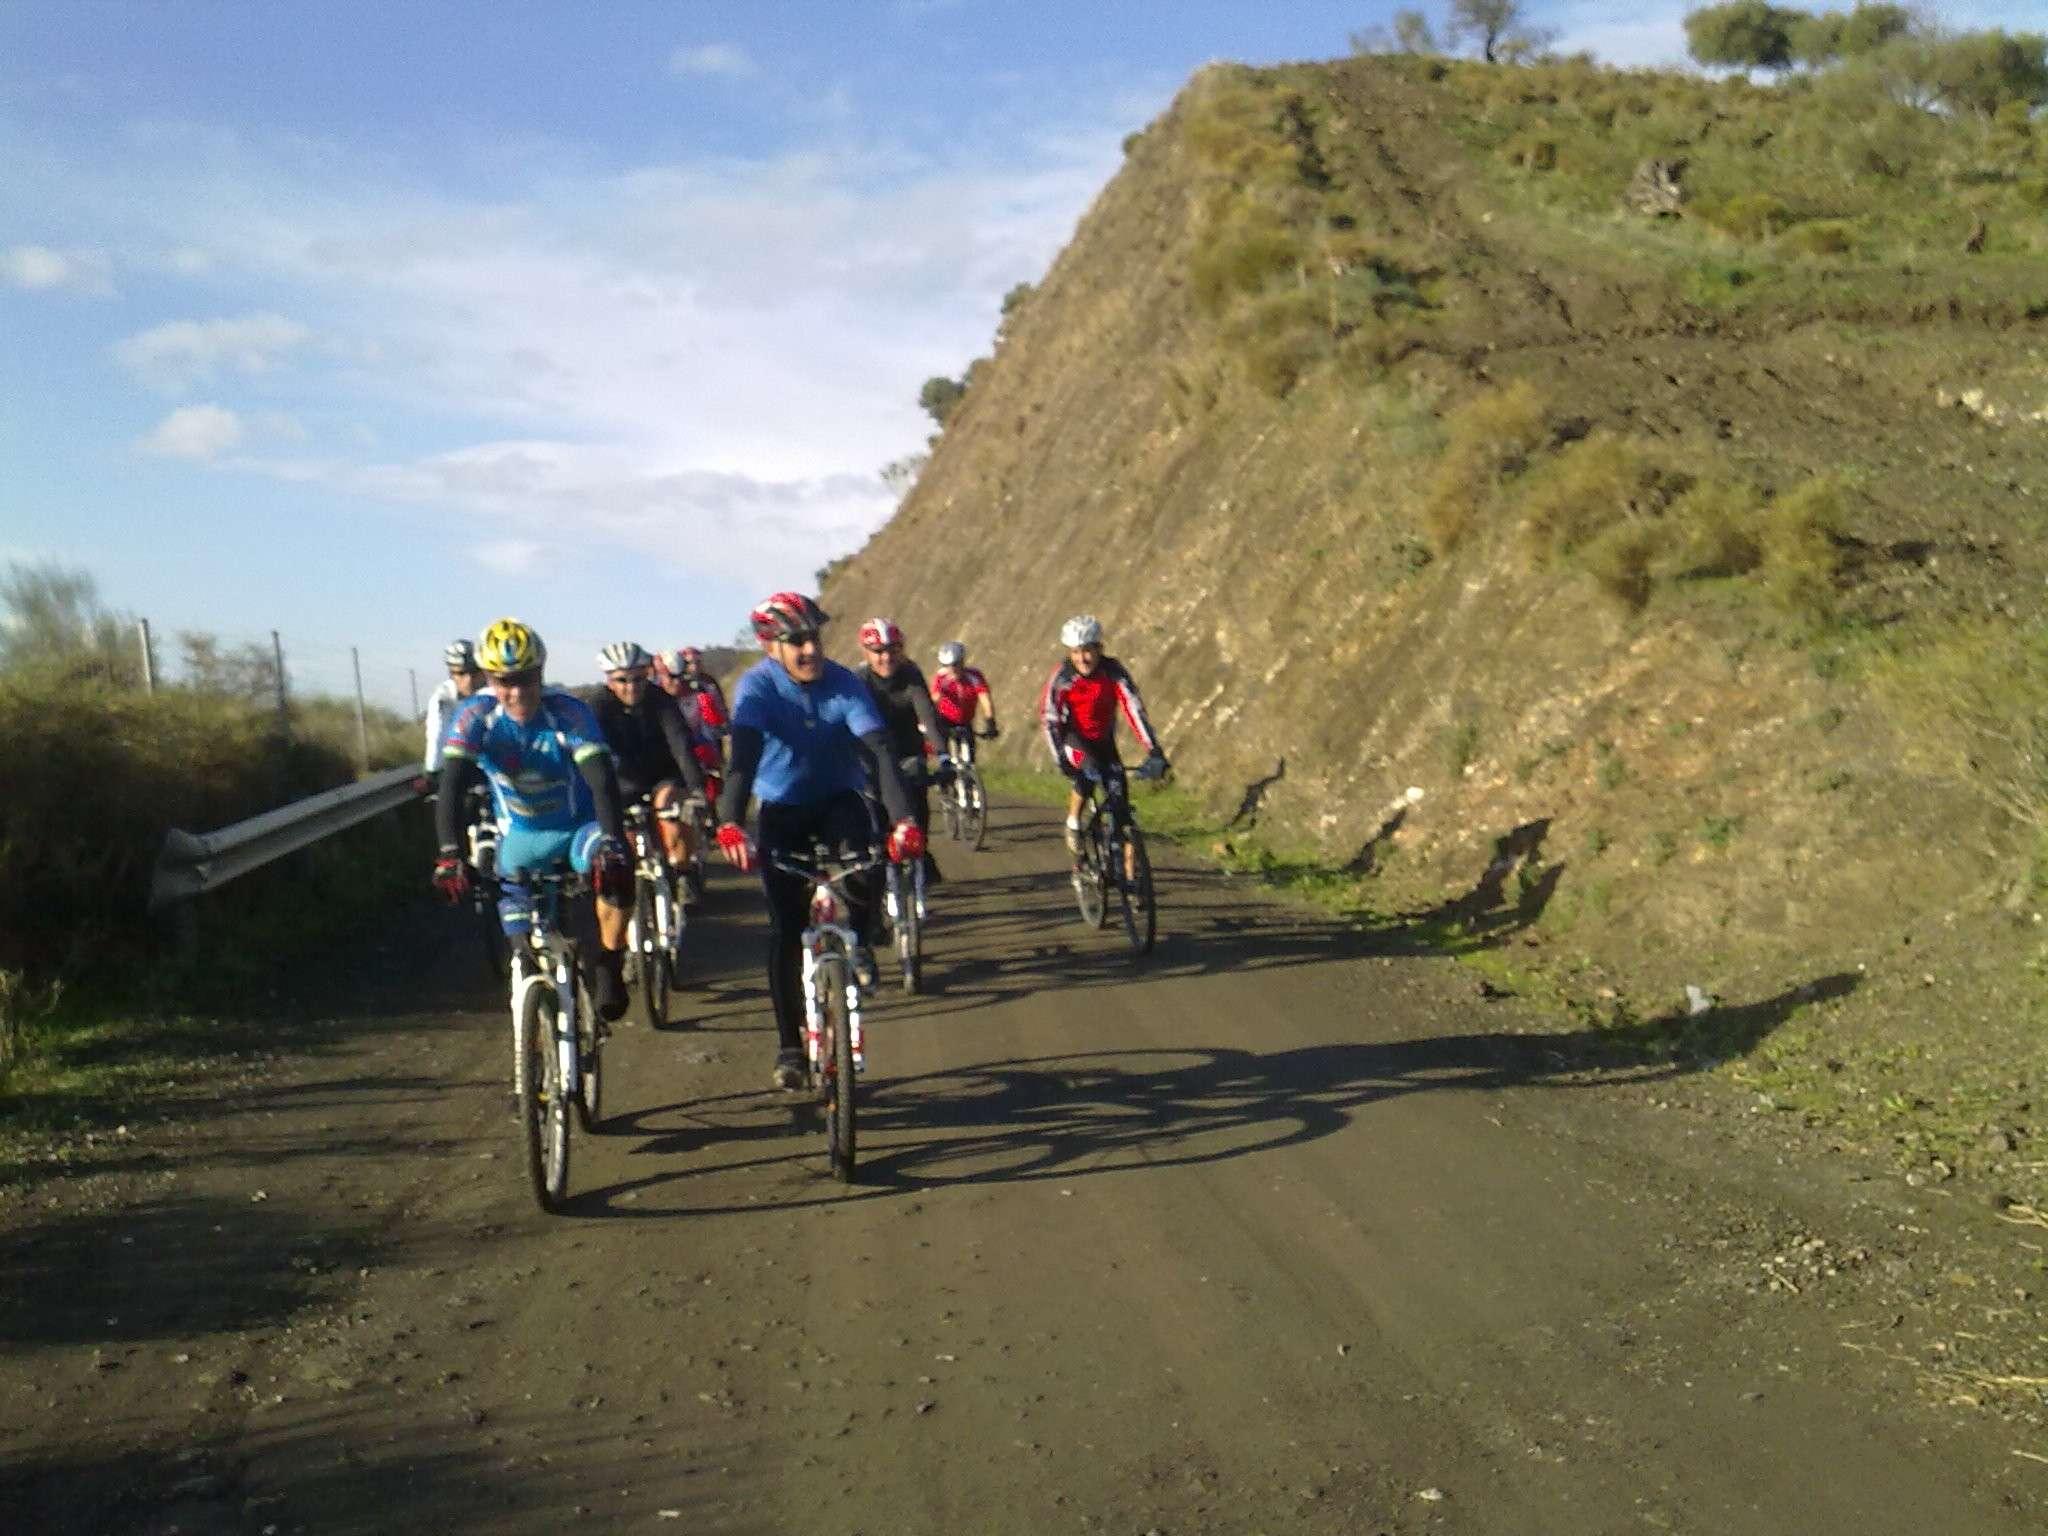 9-1-2011 Rincon-chilches-almayate-rincon 09012015